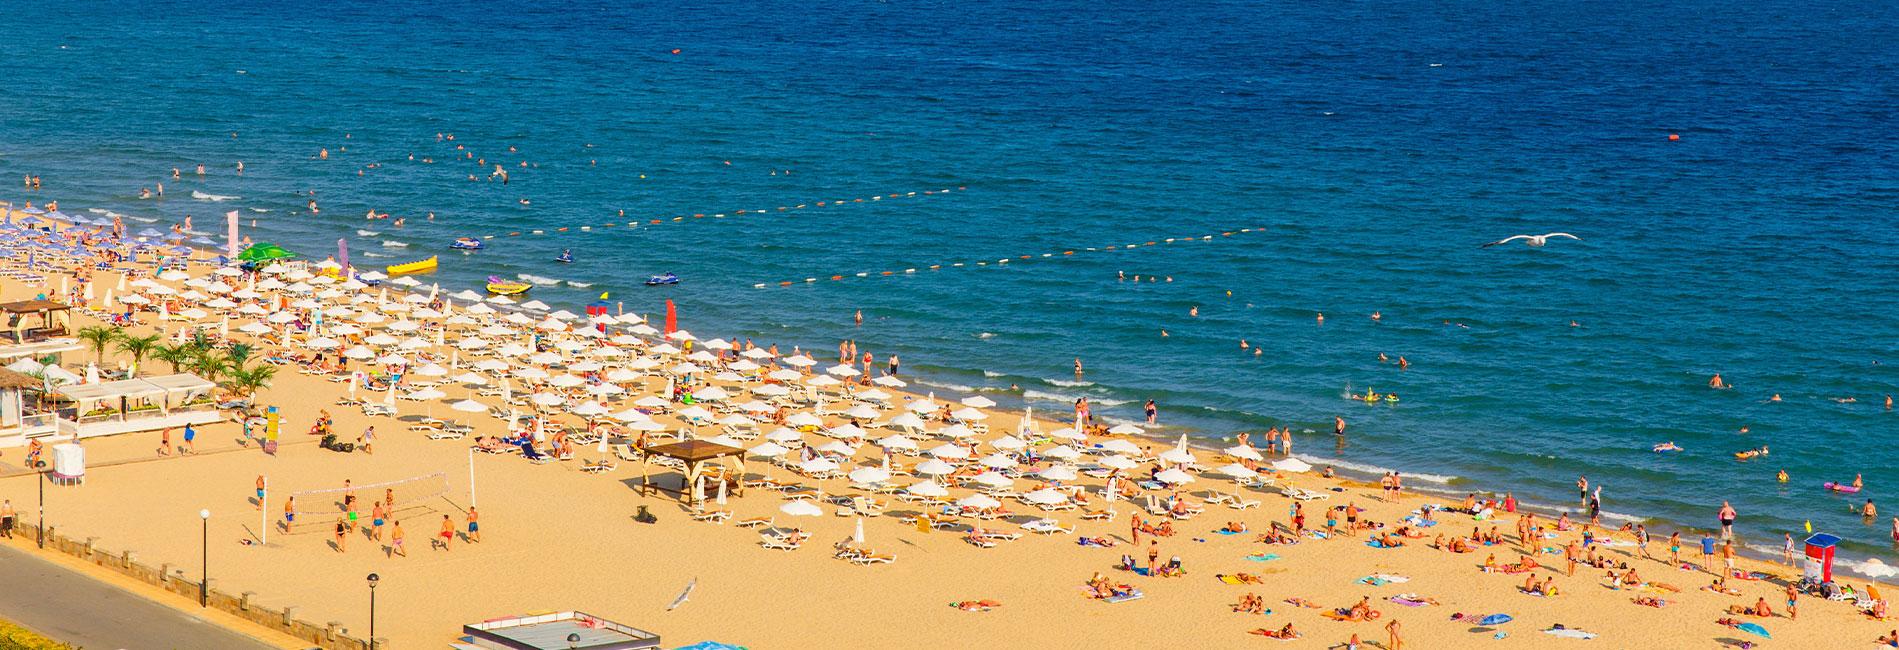 RobinFurlongSummer Jobs Sunny Beach Banner